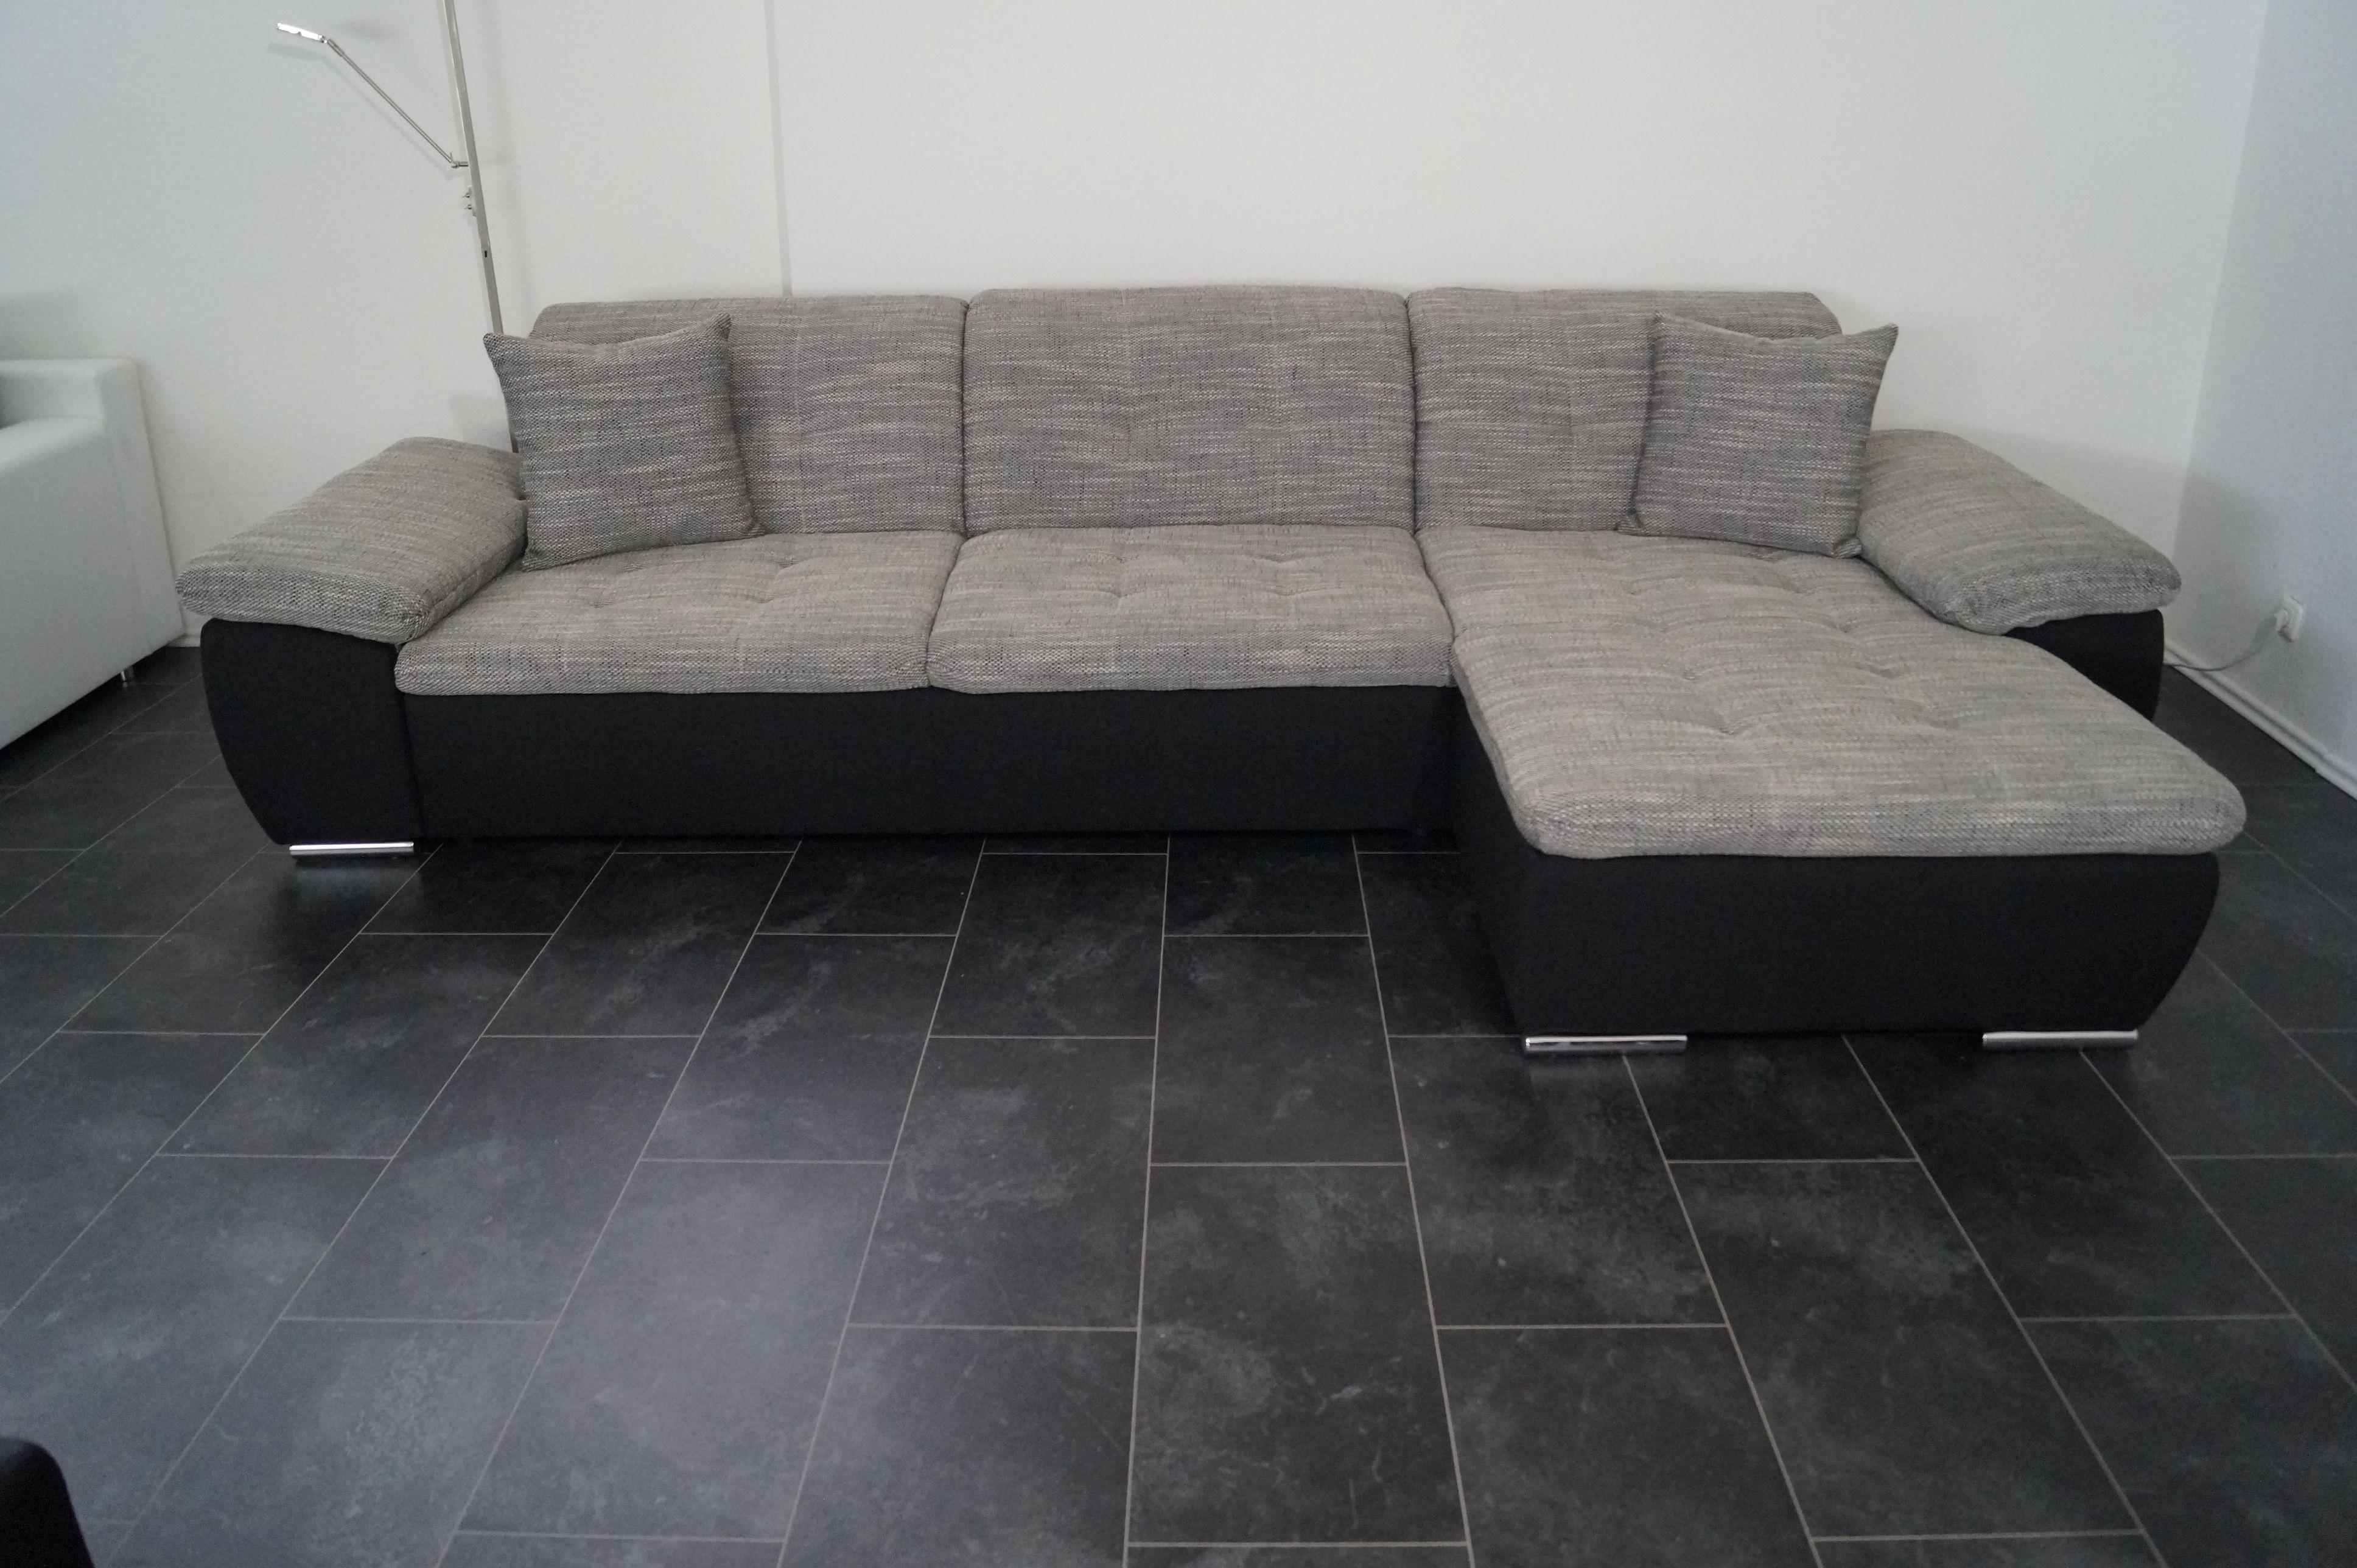 Www Sofa Gunstig Kaufen De Mobel Sofort Auf Lager Www